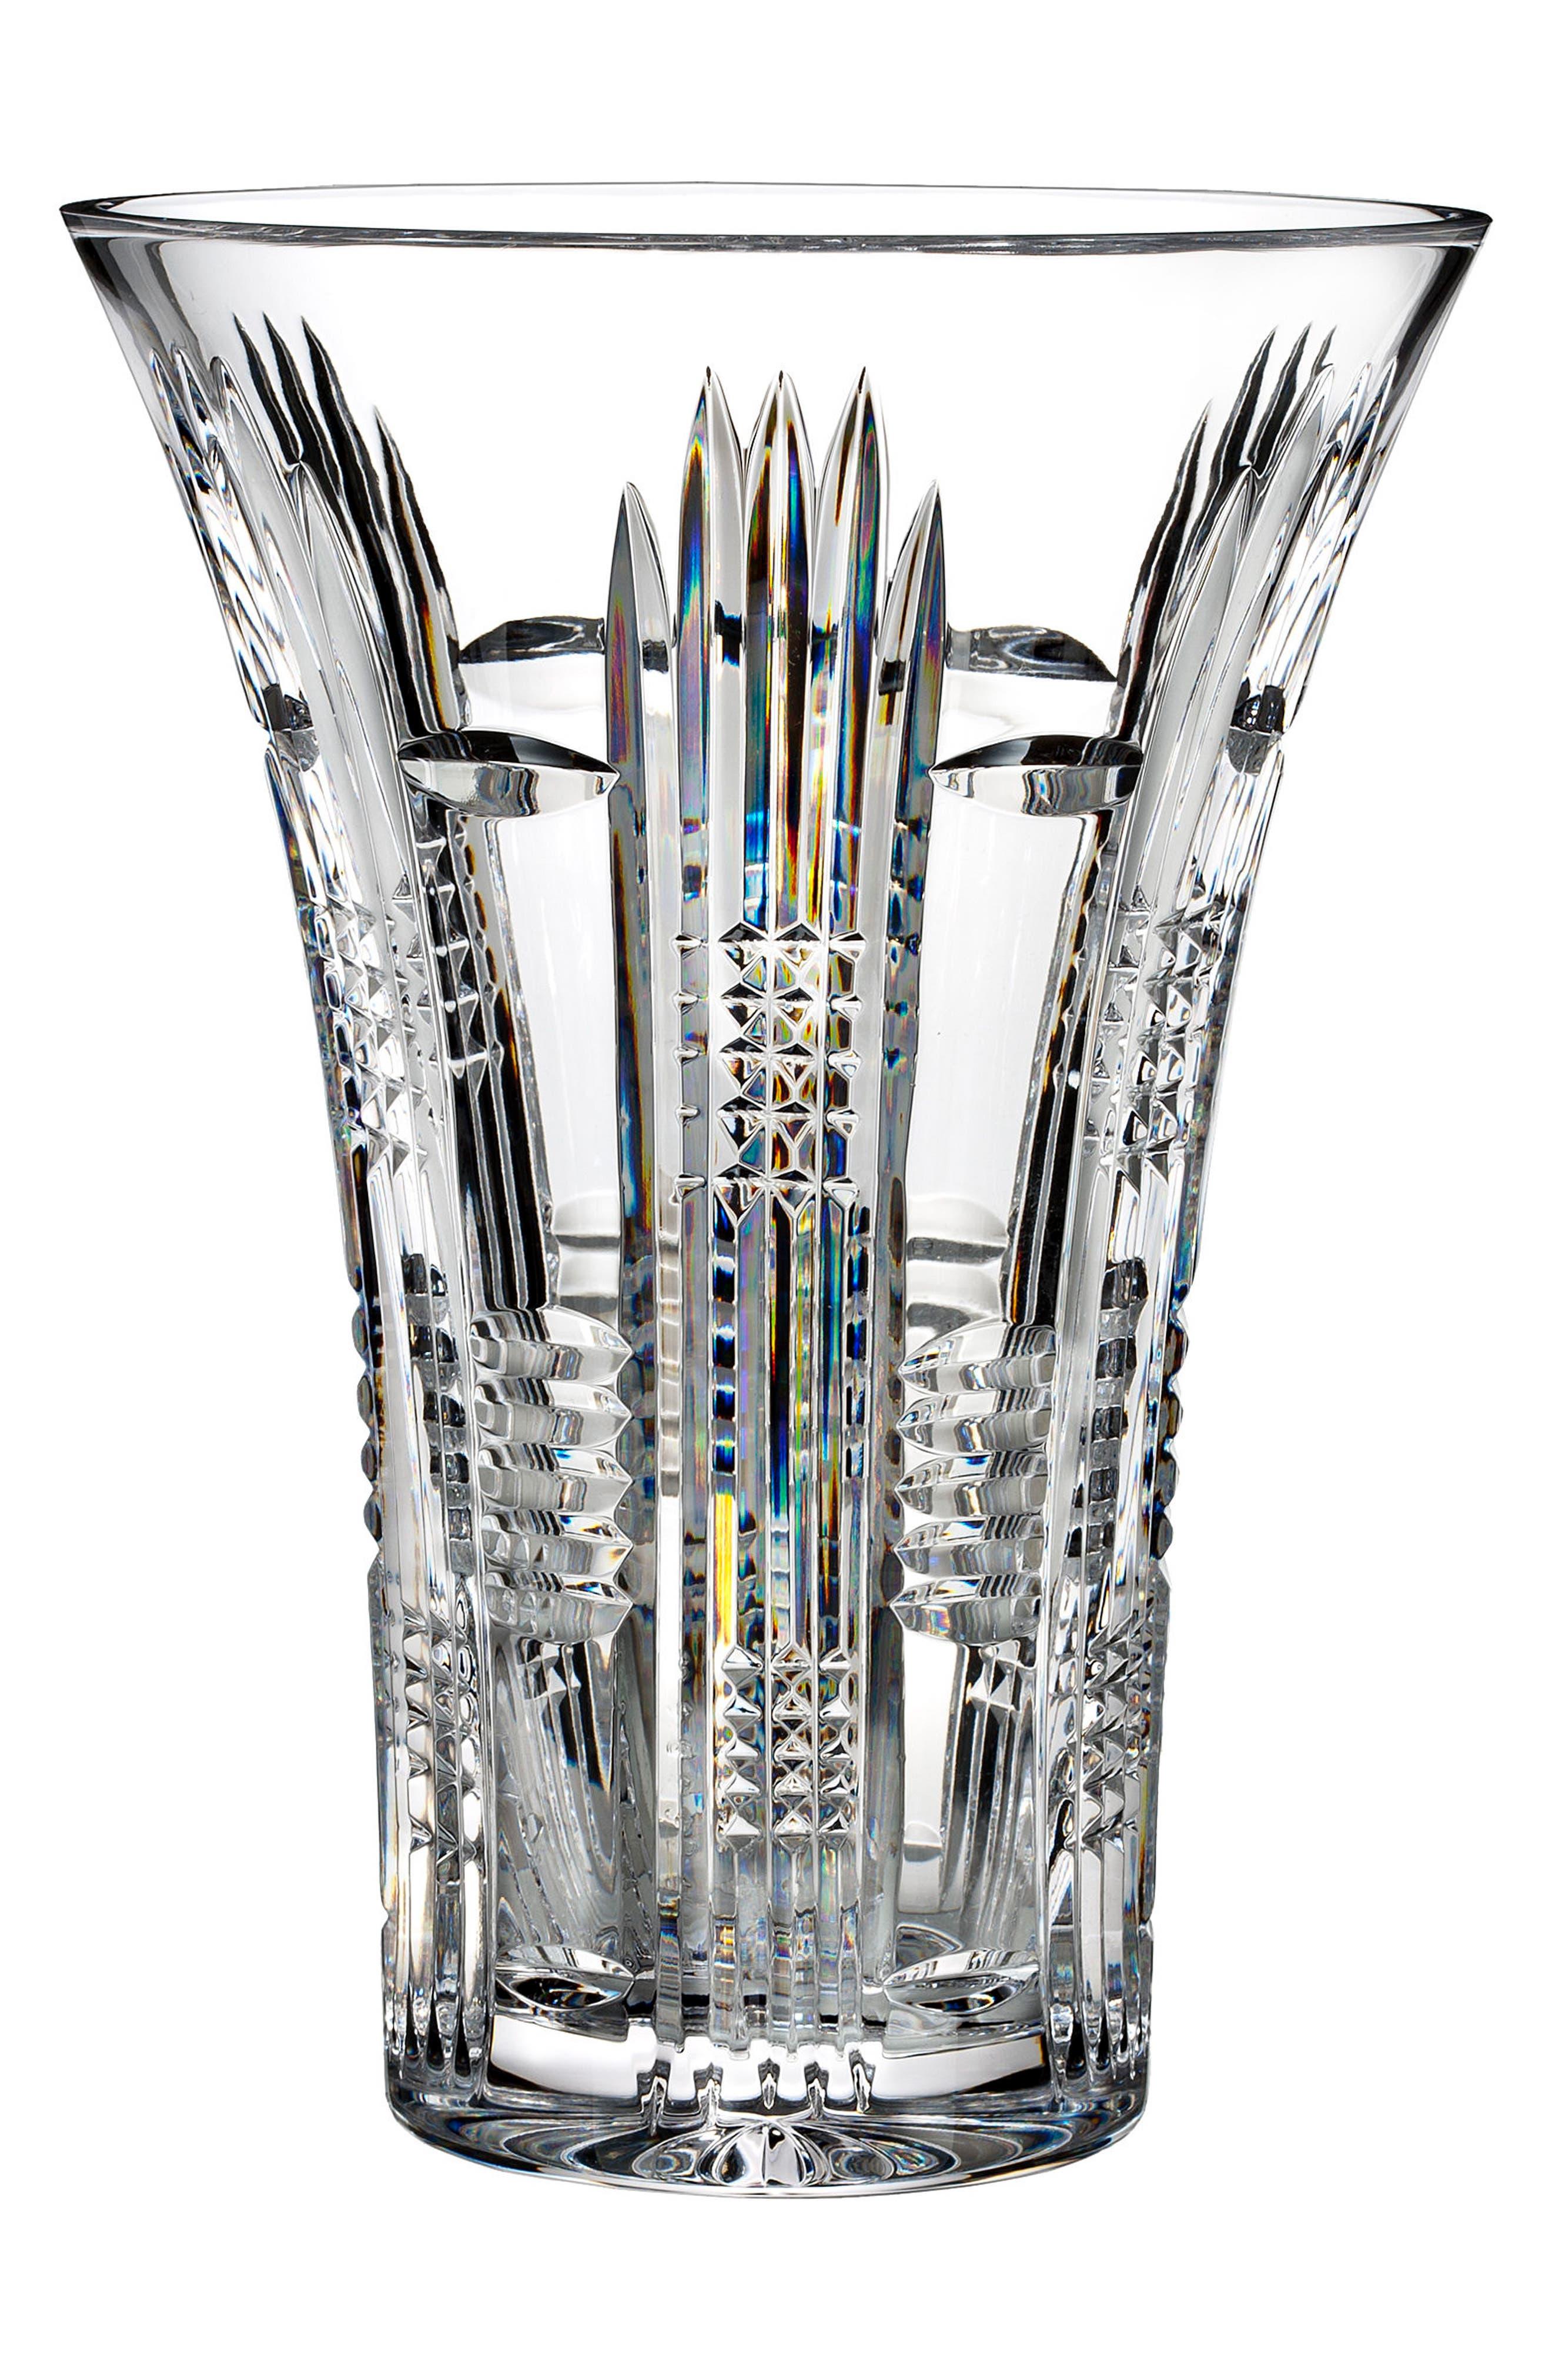 Main Image - Waterford Dungarvan Lead Crystal Vase